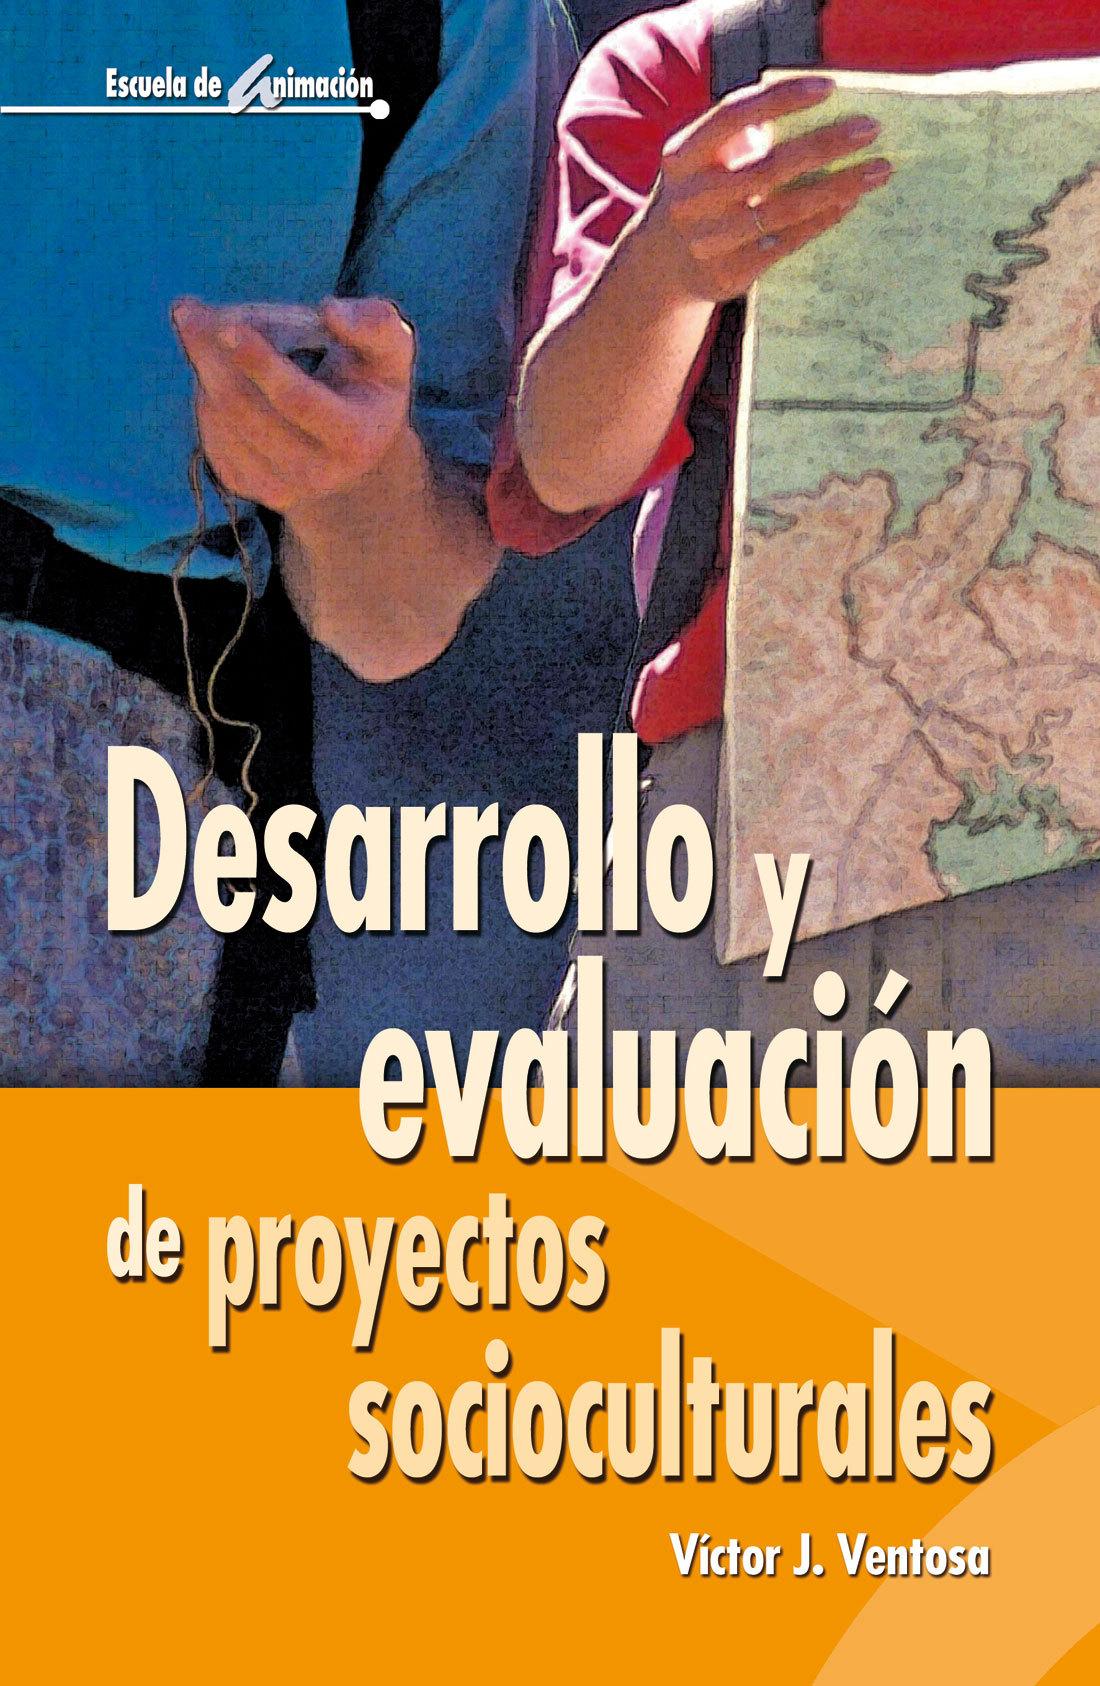 DESARROLLO Y EVALUACION DE PROYECTOS SOCIOCULTURALES